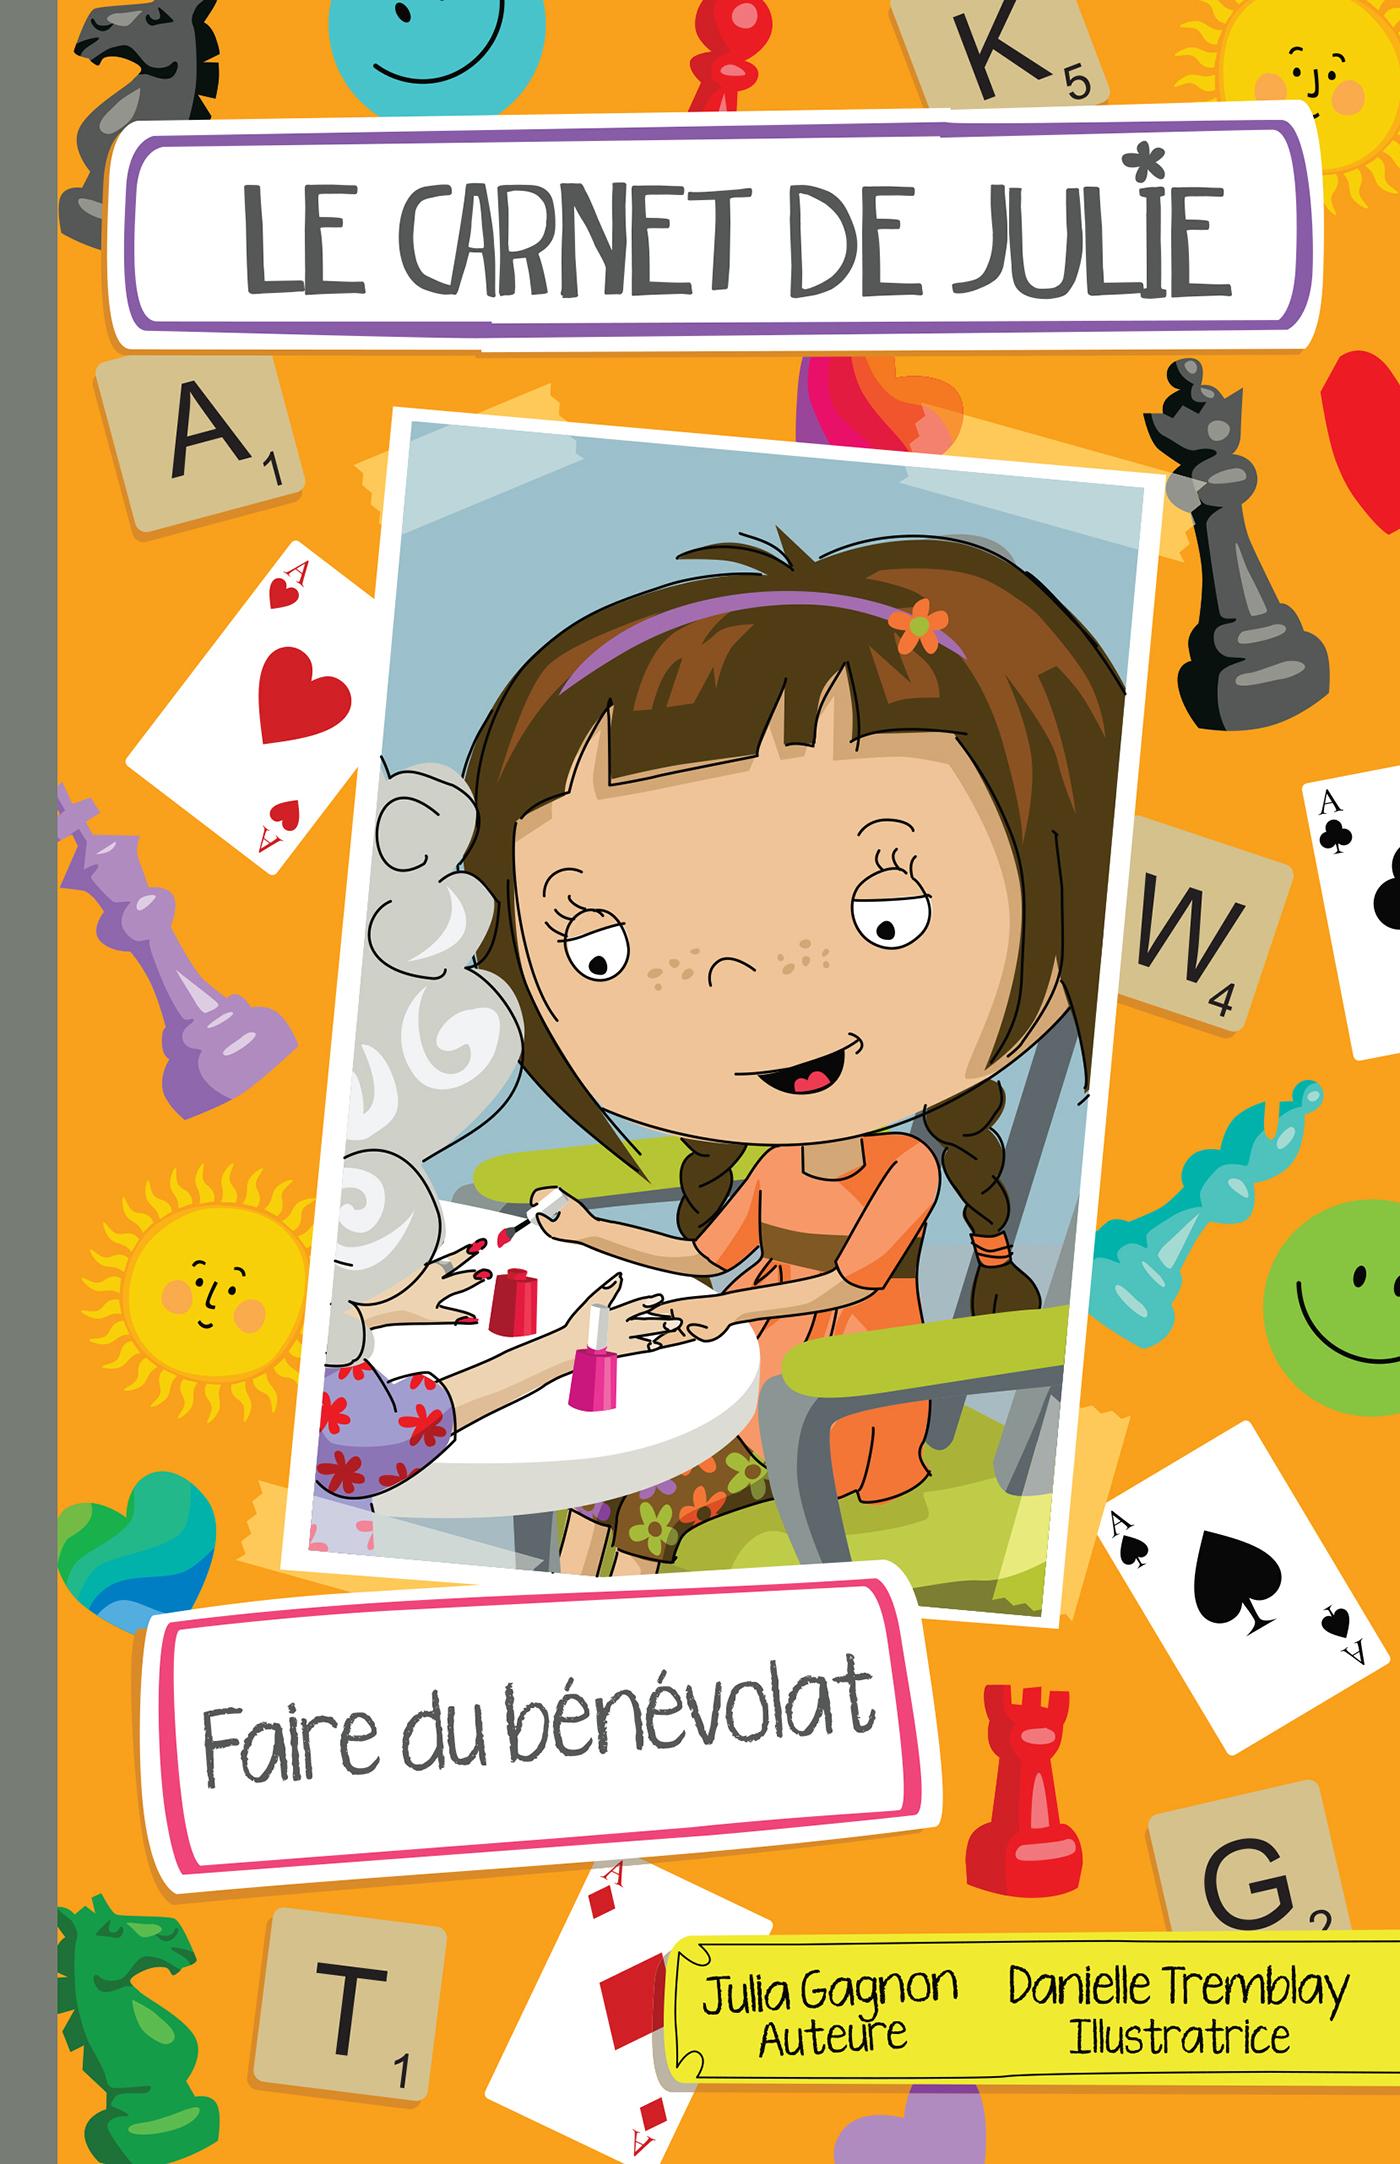 Le carnet de Julie - Faire du bénévolat